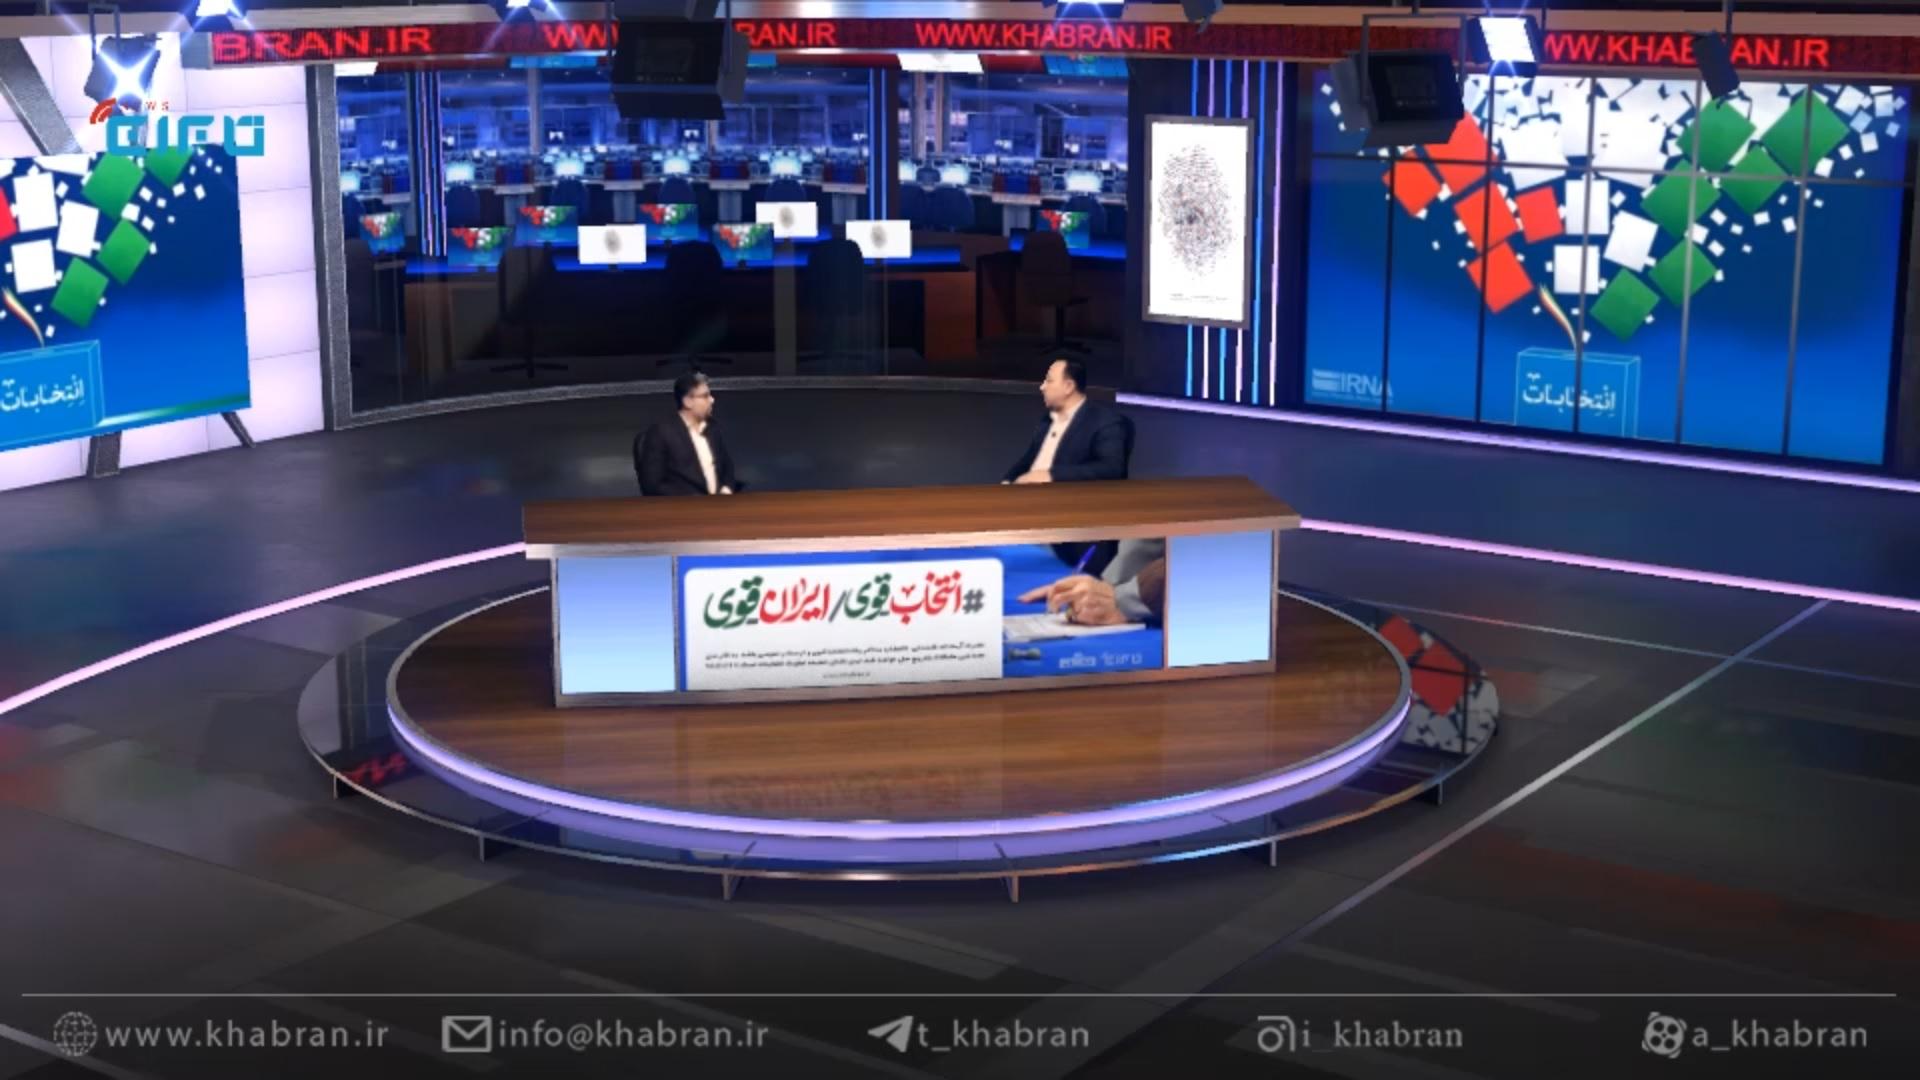 آگاه | قسمت دهم(پایان پوشش انتخابات) – گفتگو با سالم عبادی،فرماندار شهرستان رامشیر